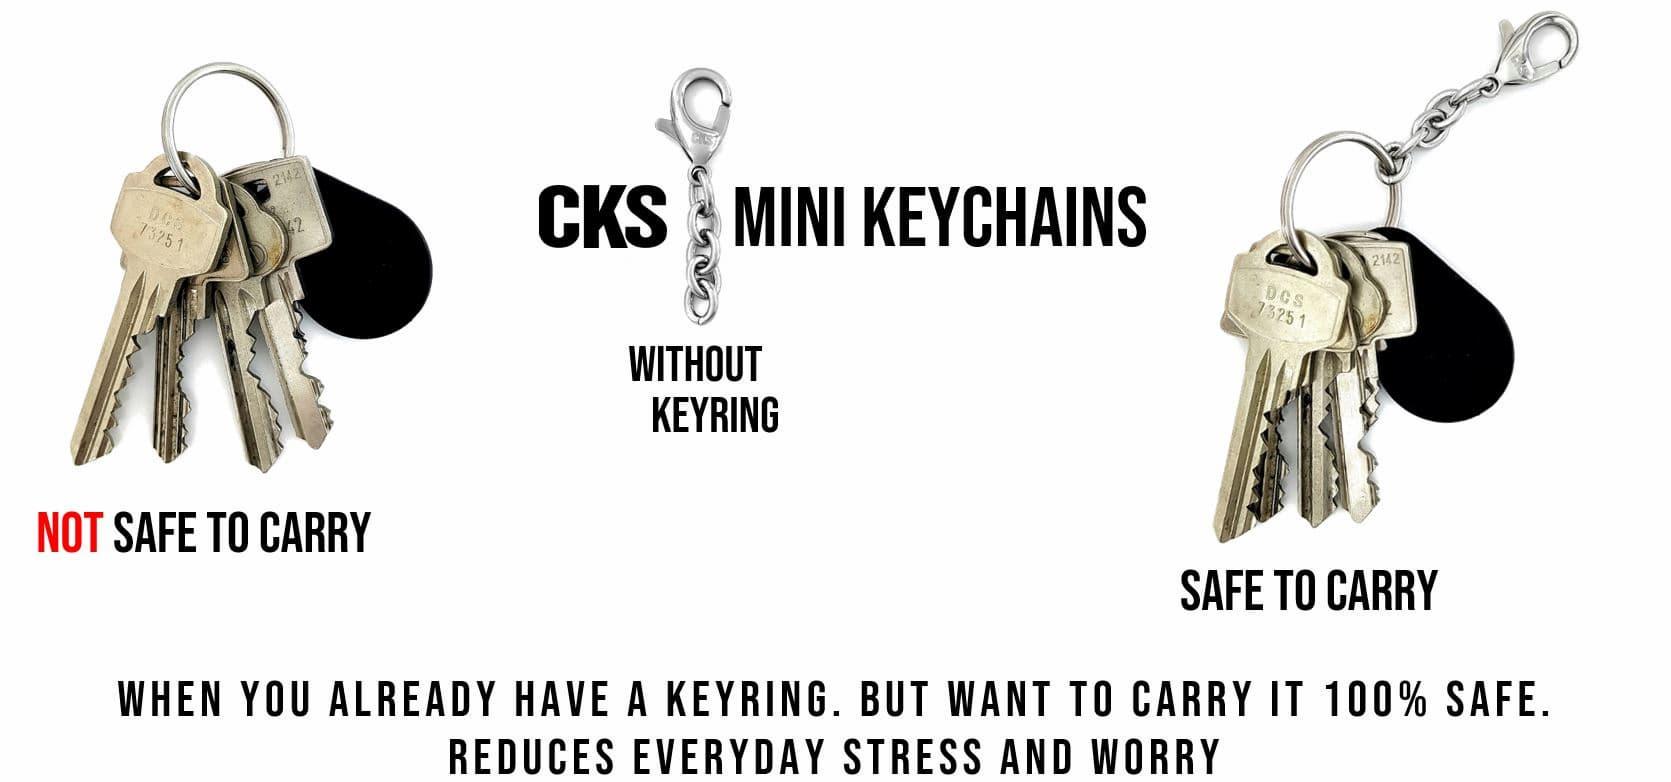 mini nyckelkedja